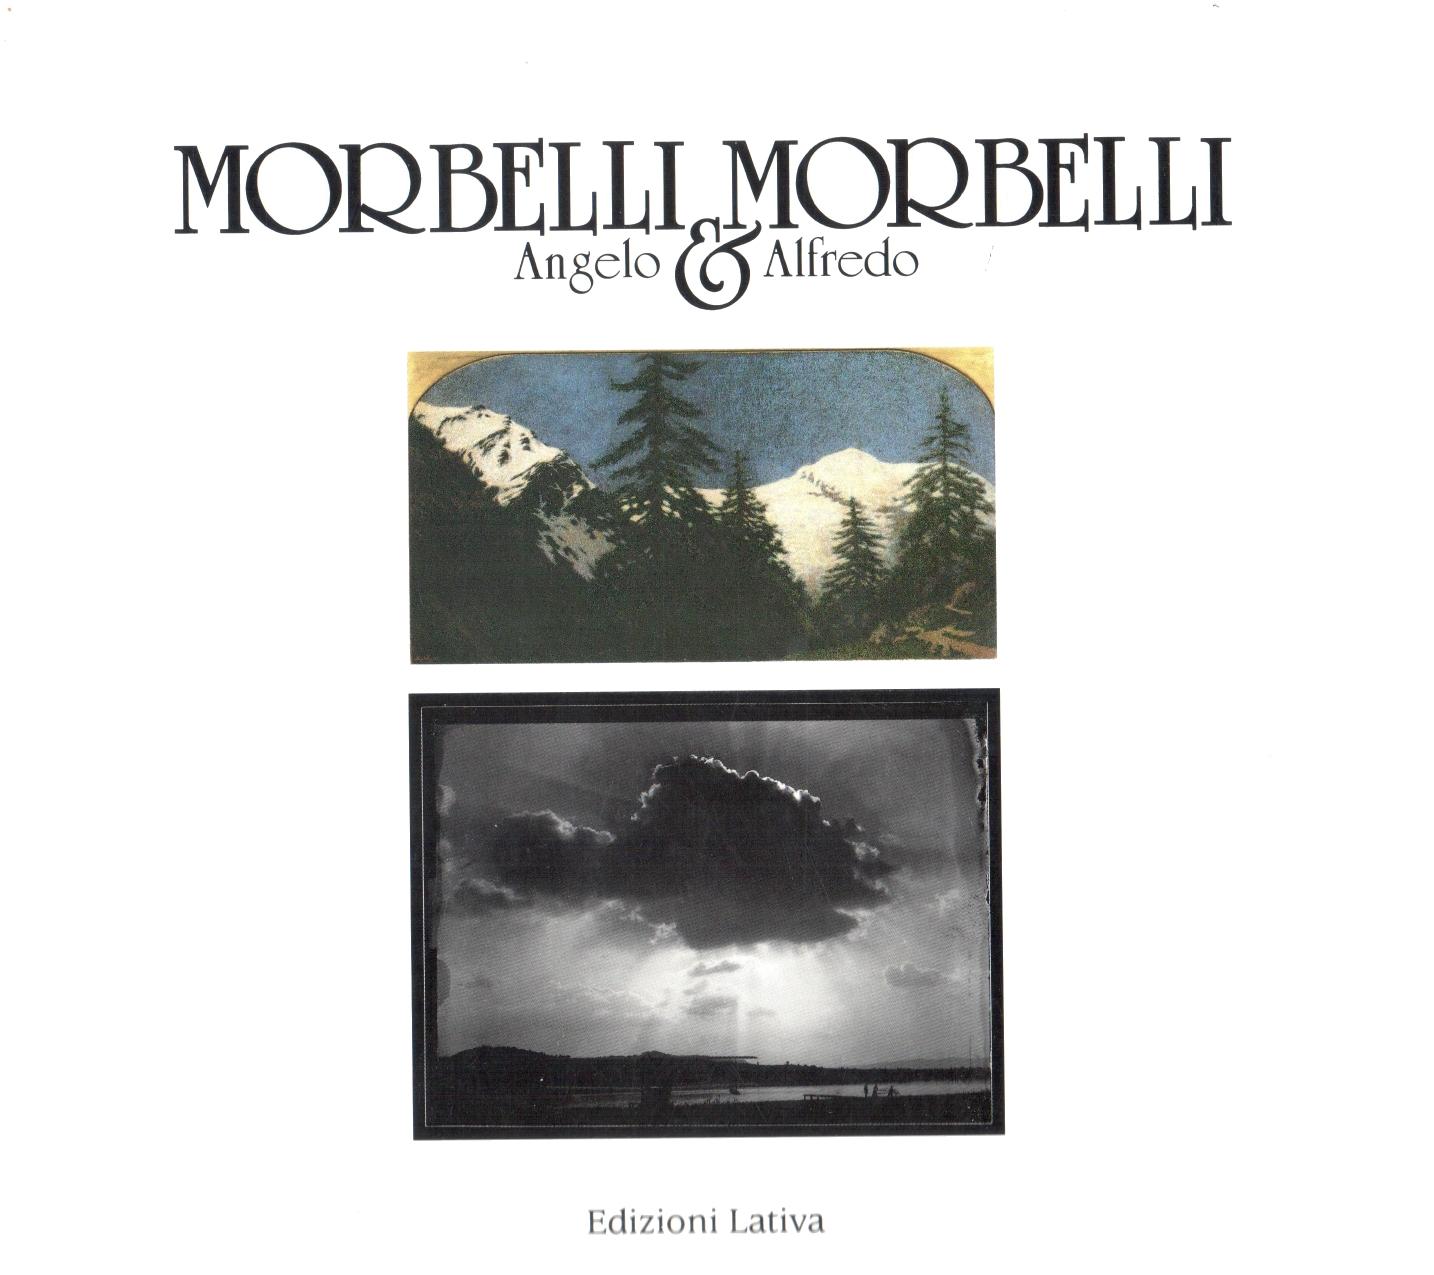 Morbelli & Morbelli